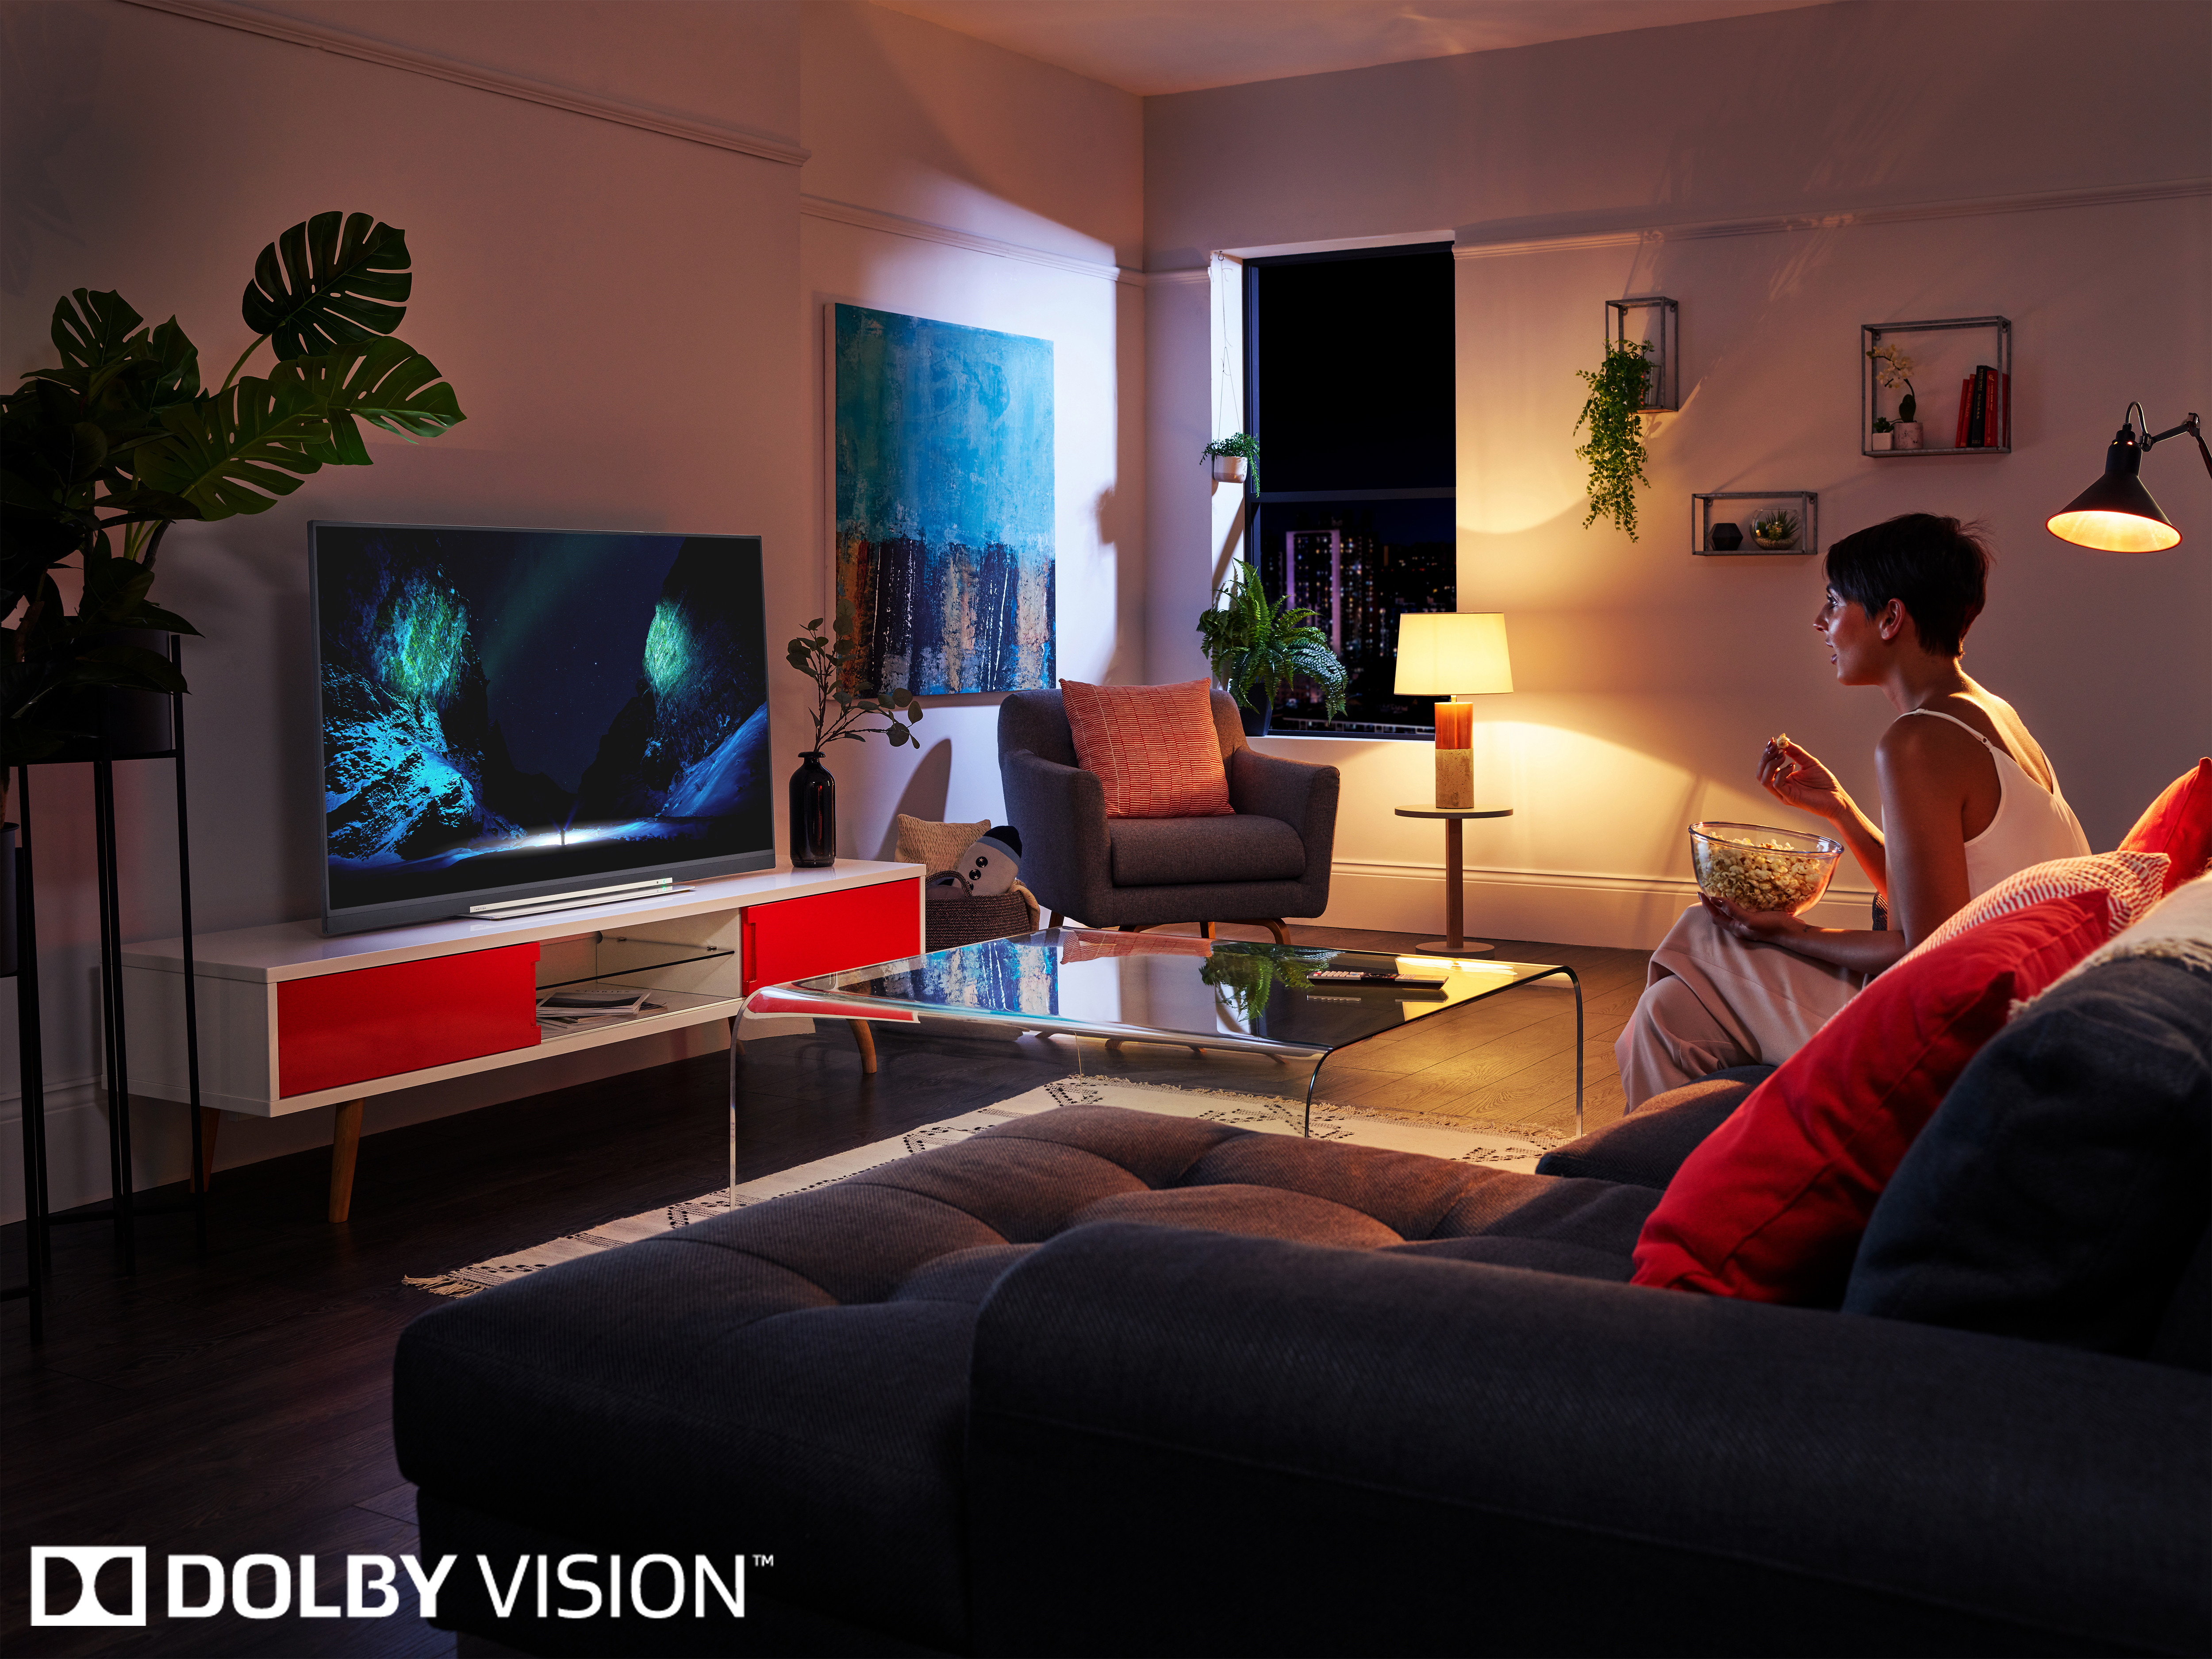 يمكنك التحكم في أجهزة التلفزيون من أي مكان في الغرفة باستخدام صوتك